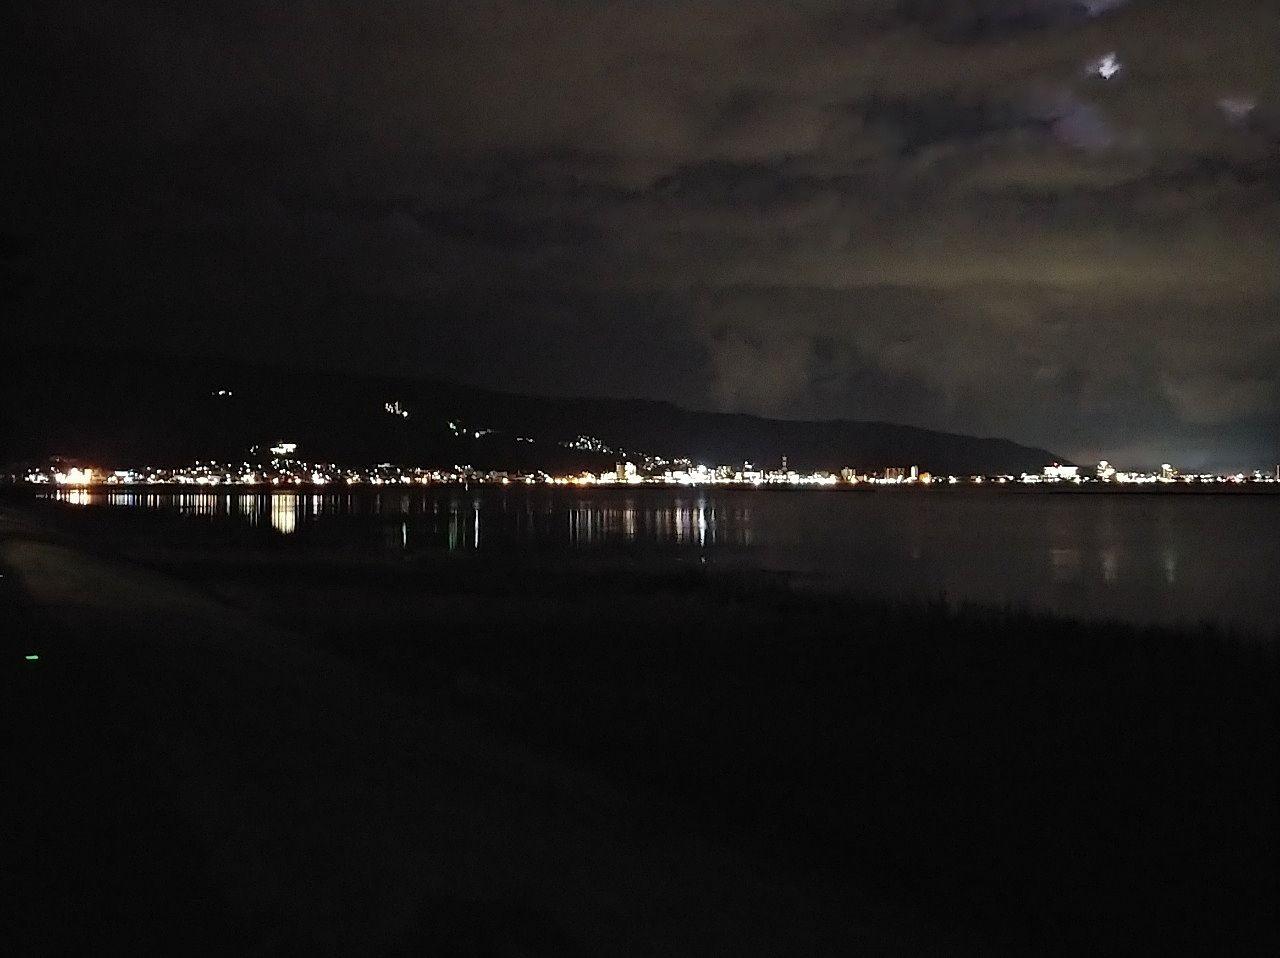 下諏訪方面から見た諏訪市諏訪湖畔の夜景です